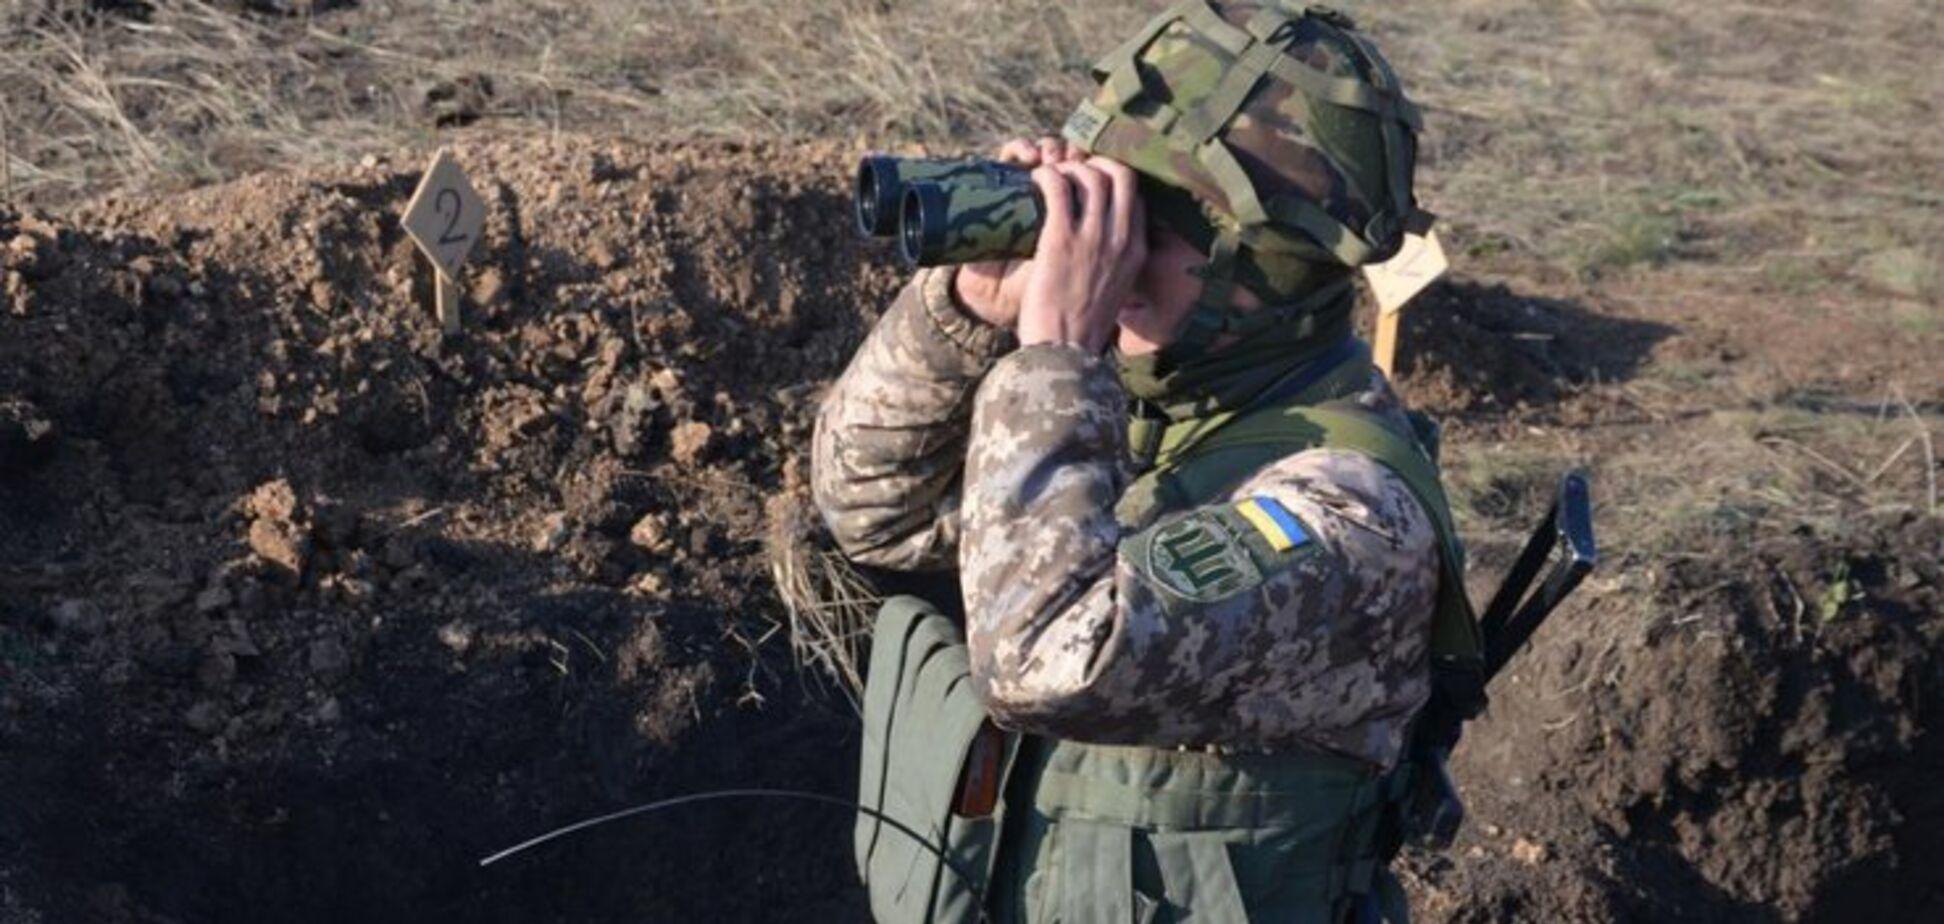 Після пекельних обстрілів: Росія змінила поведінку на Донбасі